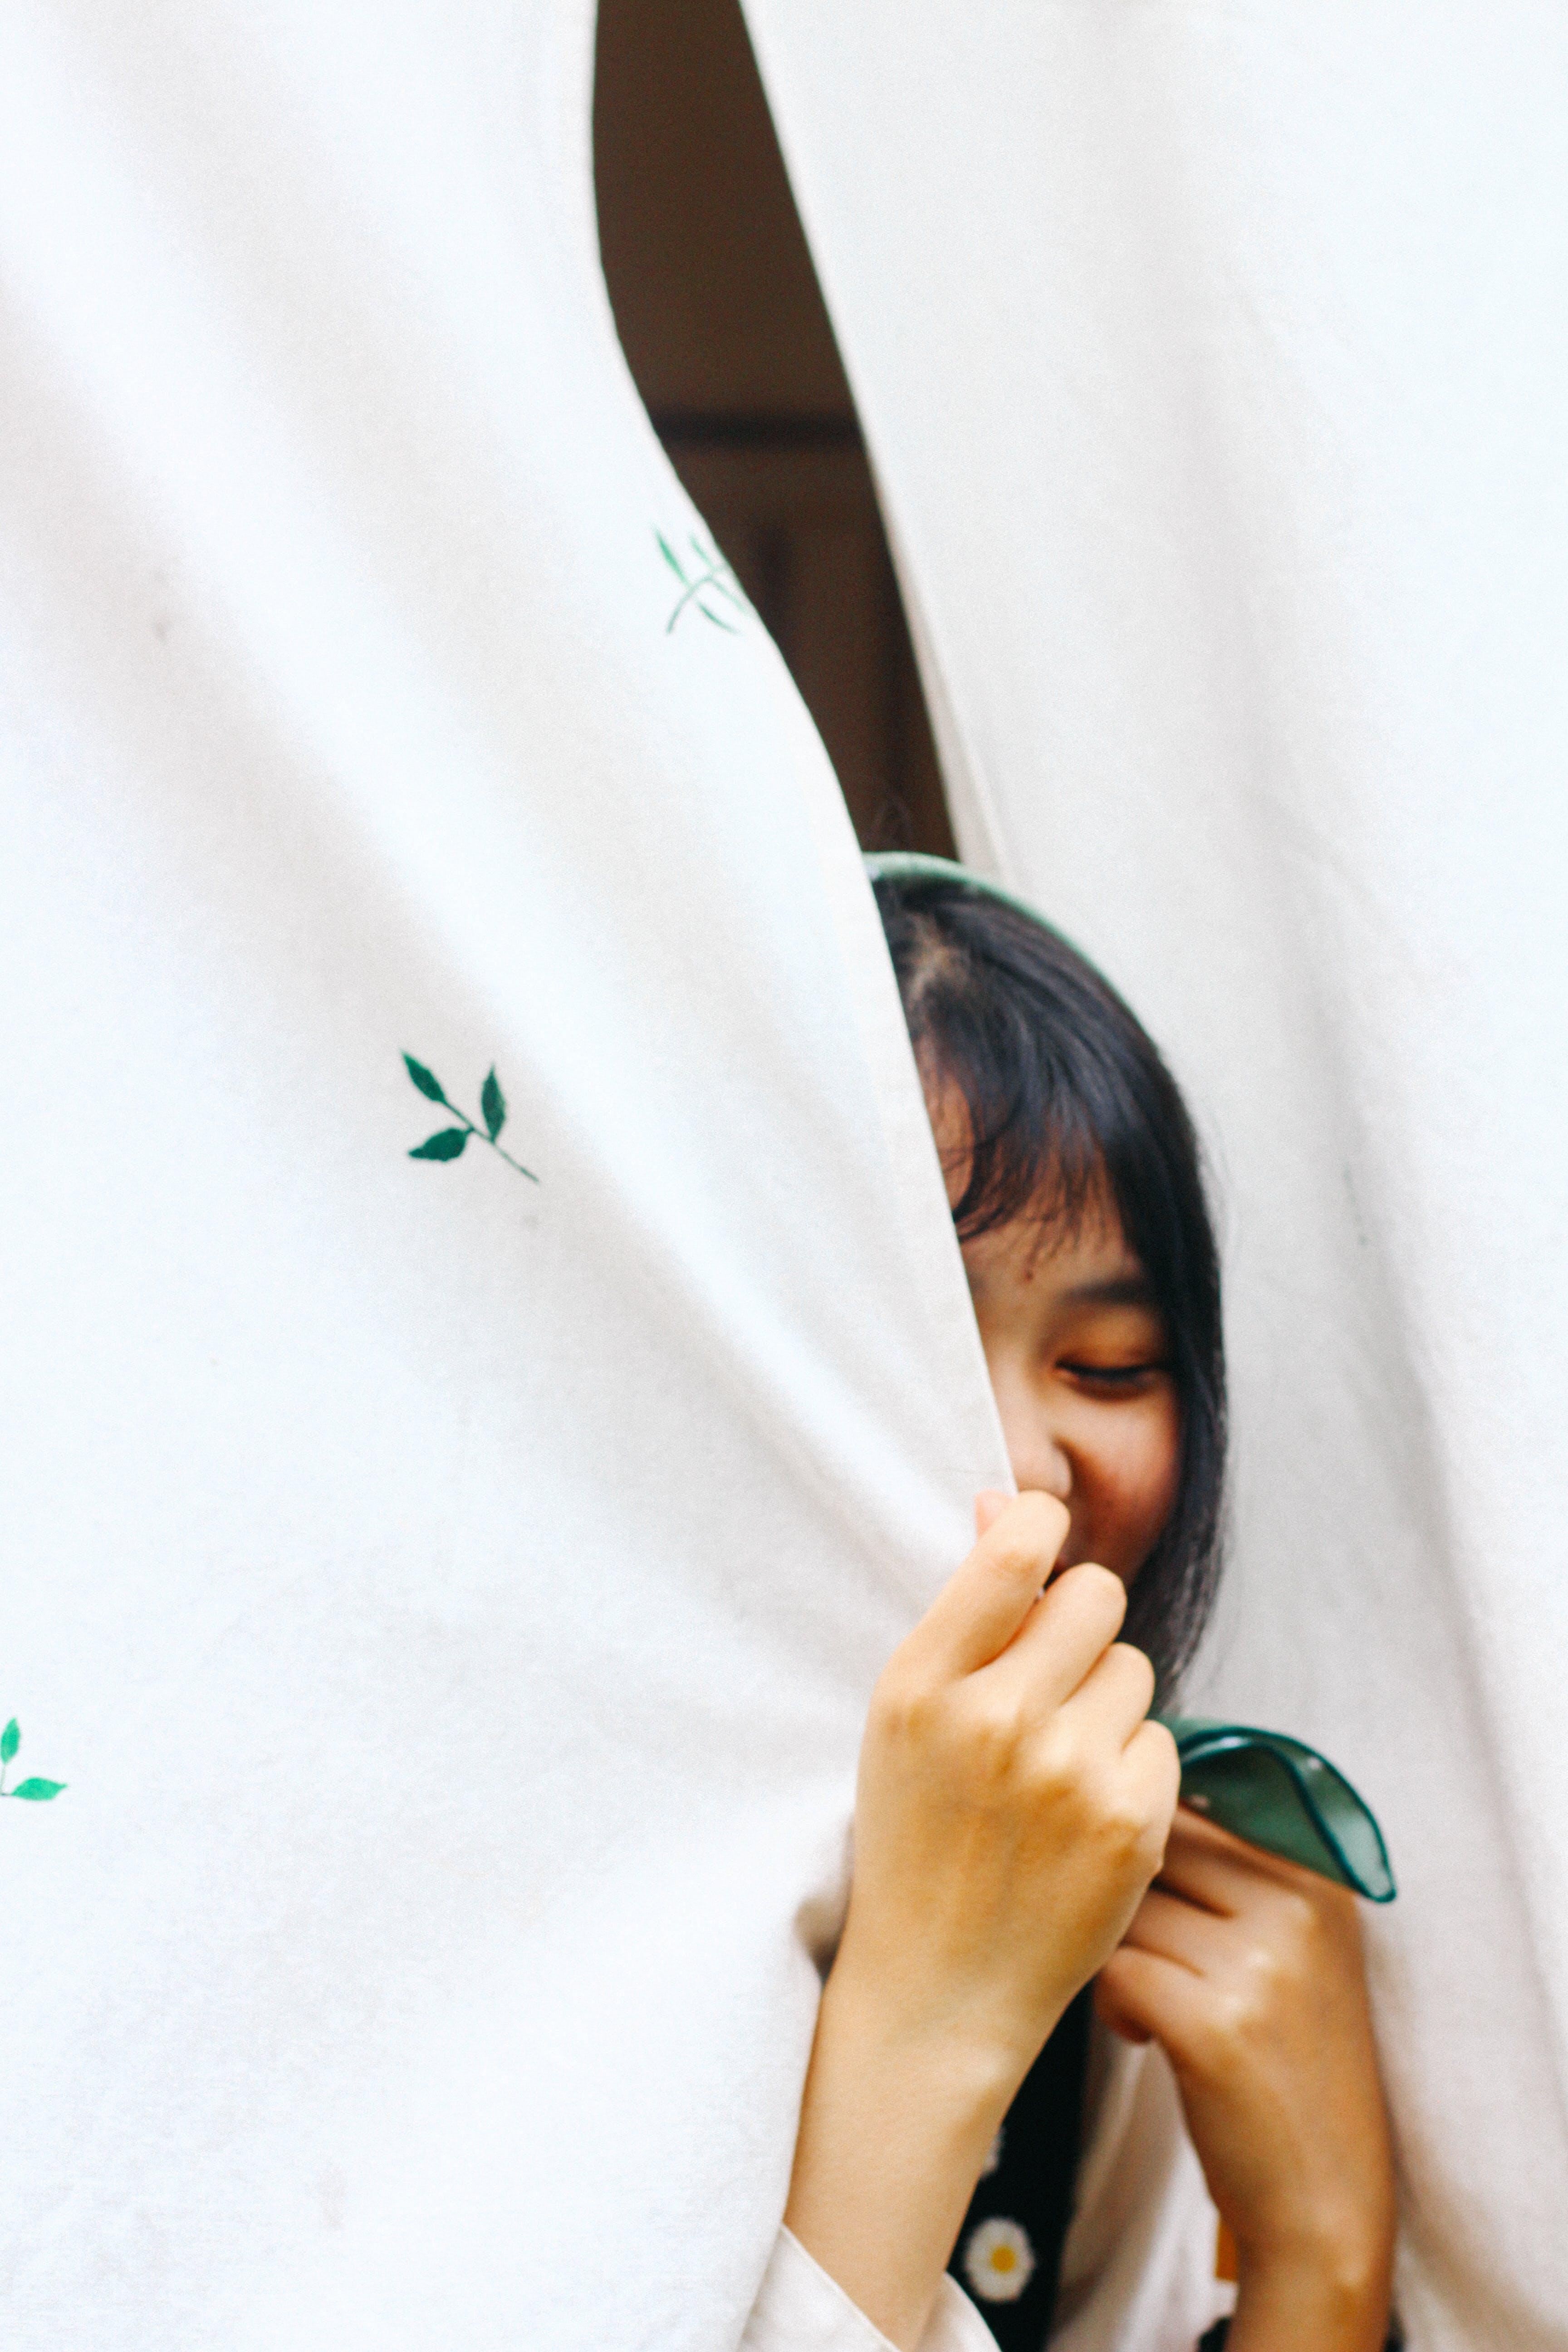 Δωρεάν στοκ φωτογραφιών με perosn, γυναίκα, κουρτίνες